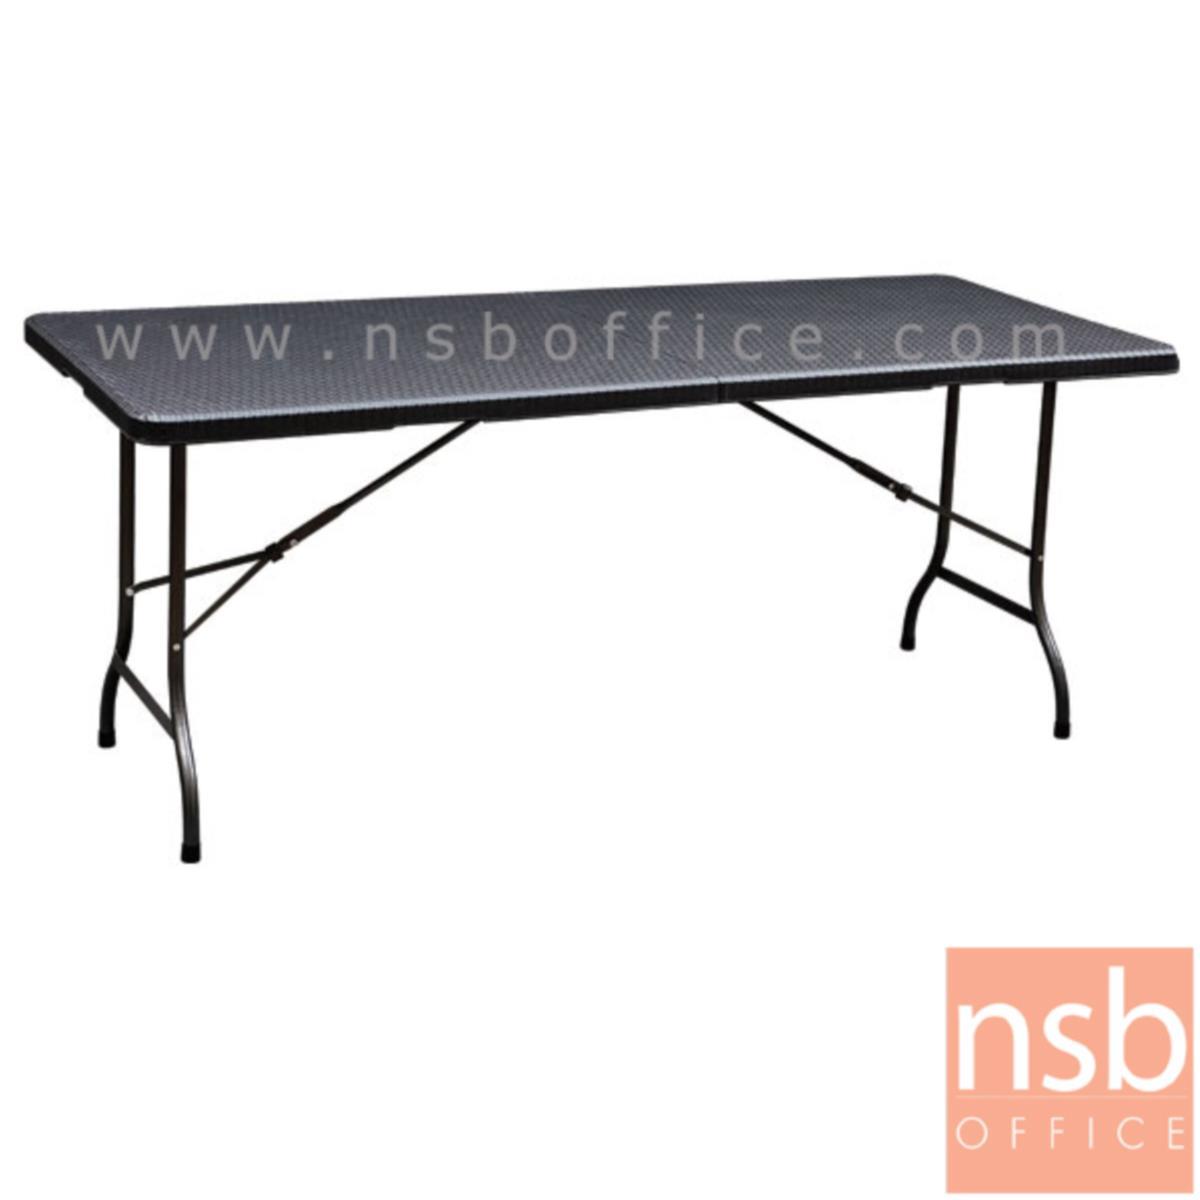 G11A167:โต๊ะพับหน้าหวายสาน รุ่น Dolofort (ดอลโลฟอร์ต) ขนาด 180W cm. ขาเหล็กสีดำเกล็ดเงิน